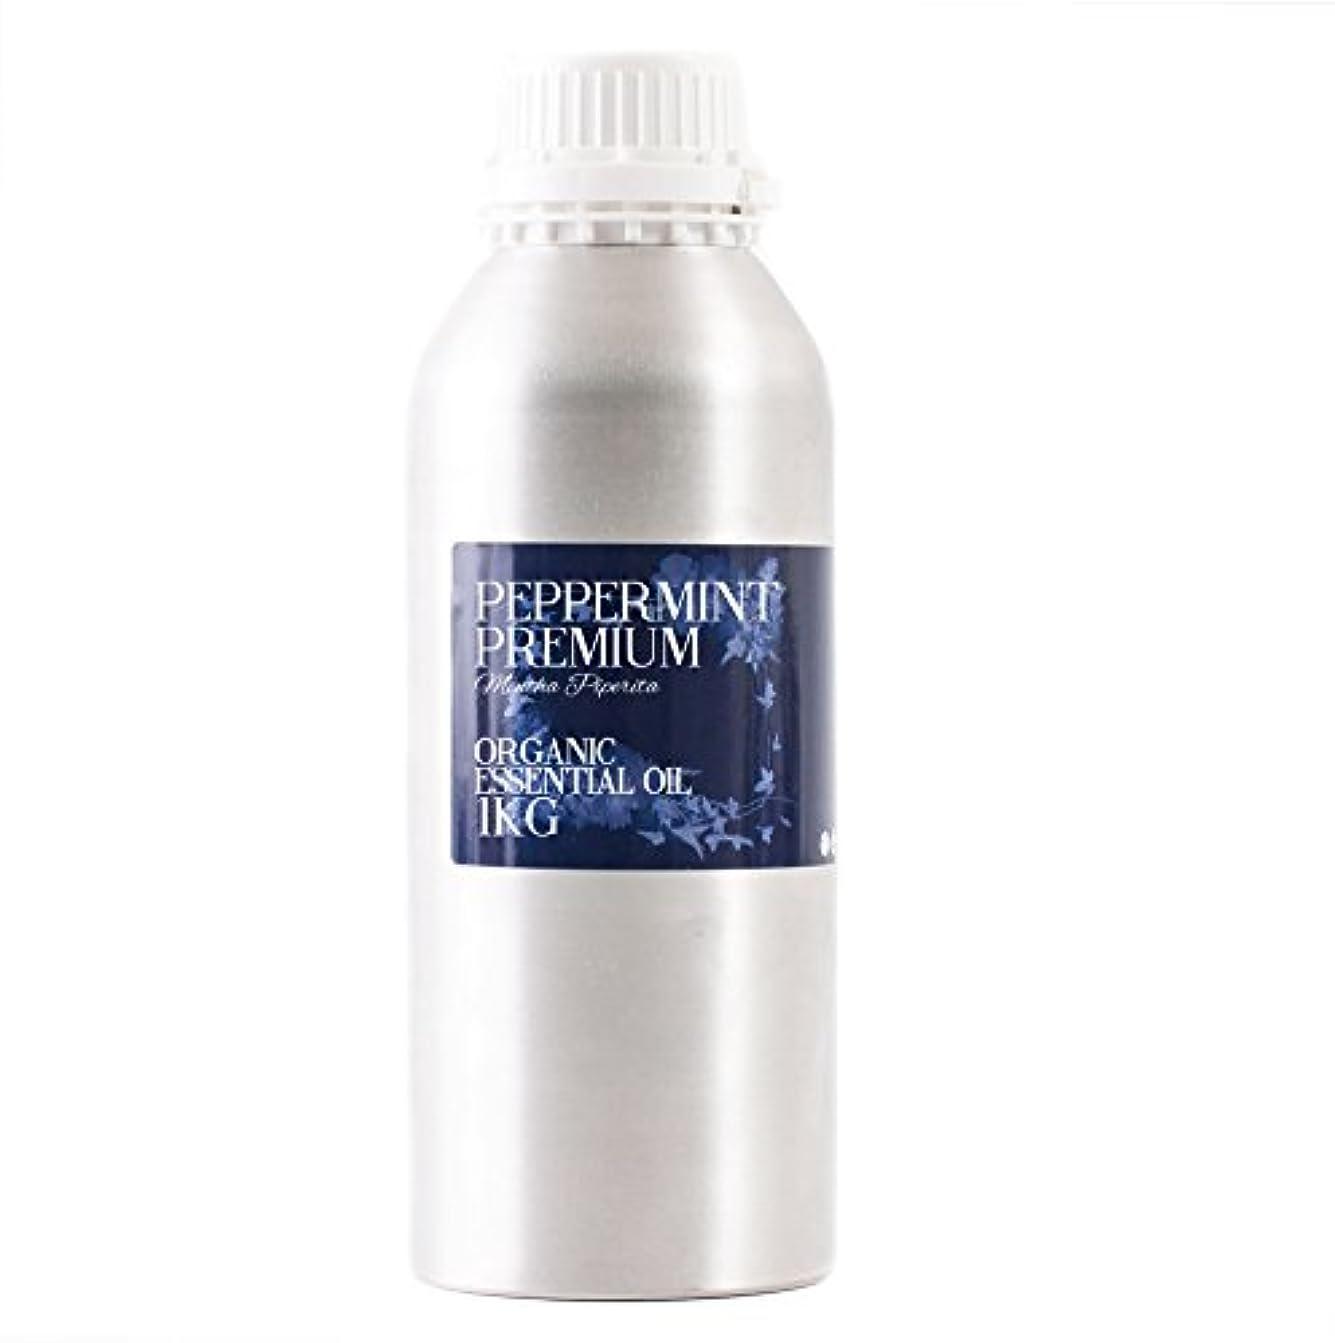 鎮痛剤望まないシリングMystic Moments | Peppermint Premium Organic Essential Oil - 1Kg - 100% Pure